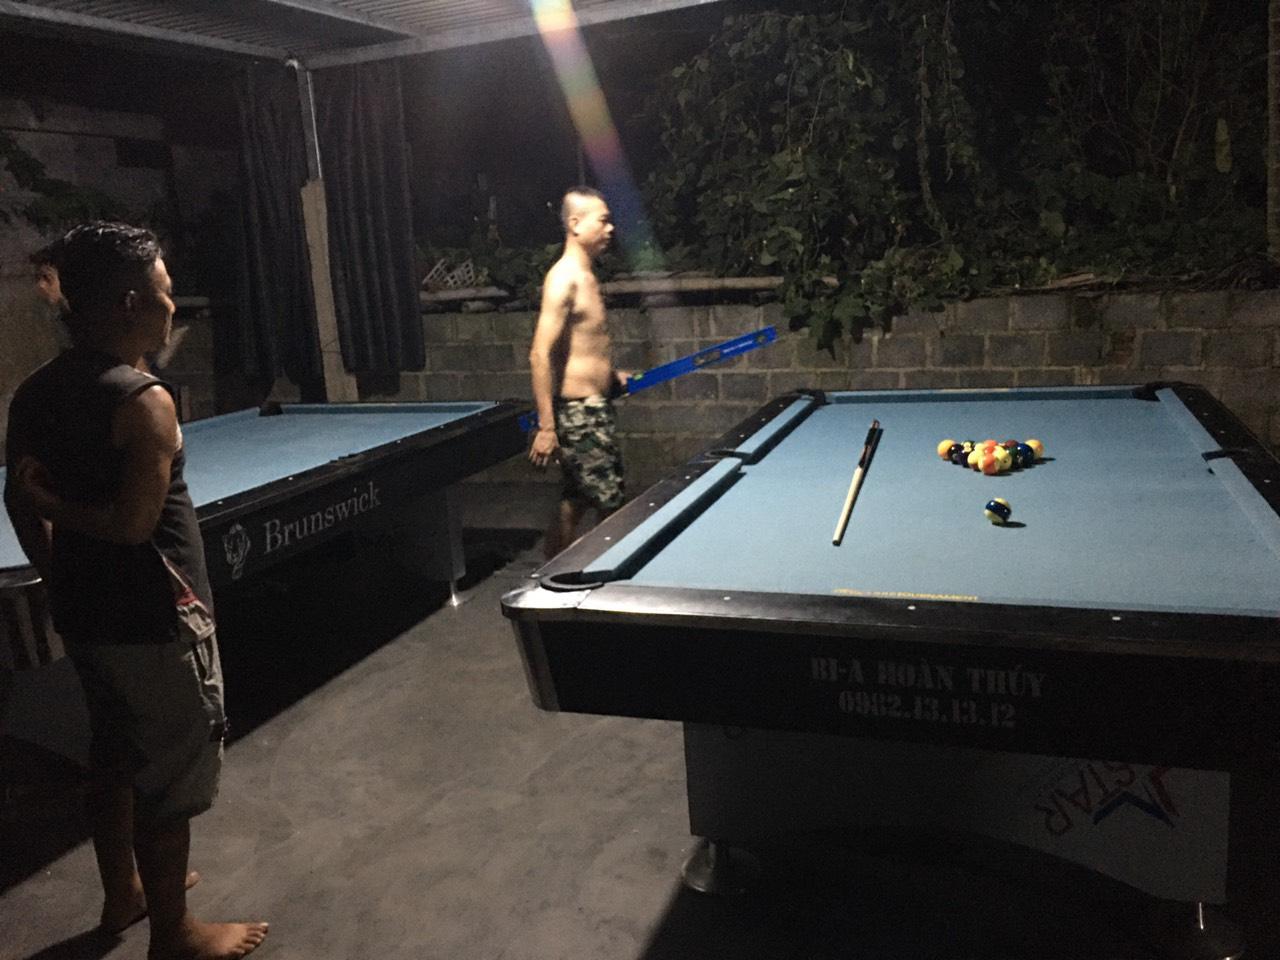 Billiards Hoàn Thúy lắp đặt 2 bàn 9018 tại Tiên Lãng, Hải Phòng